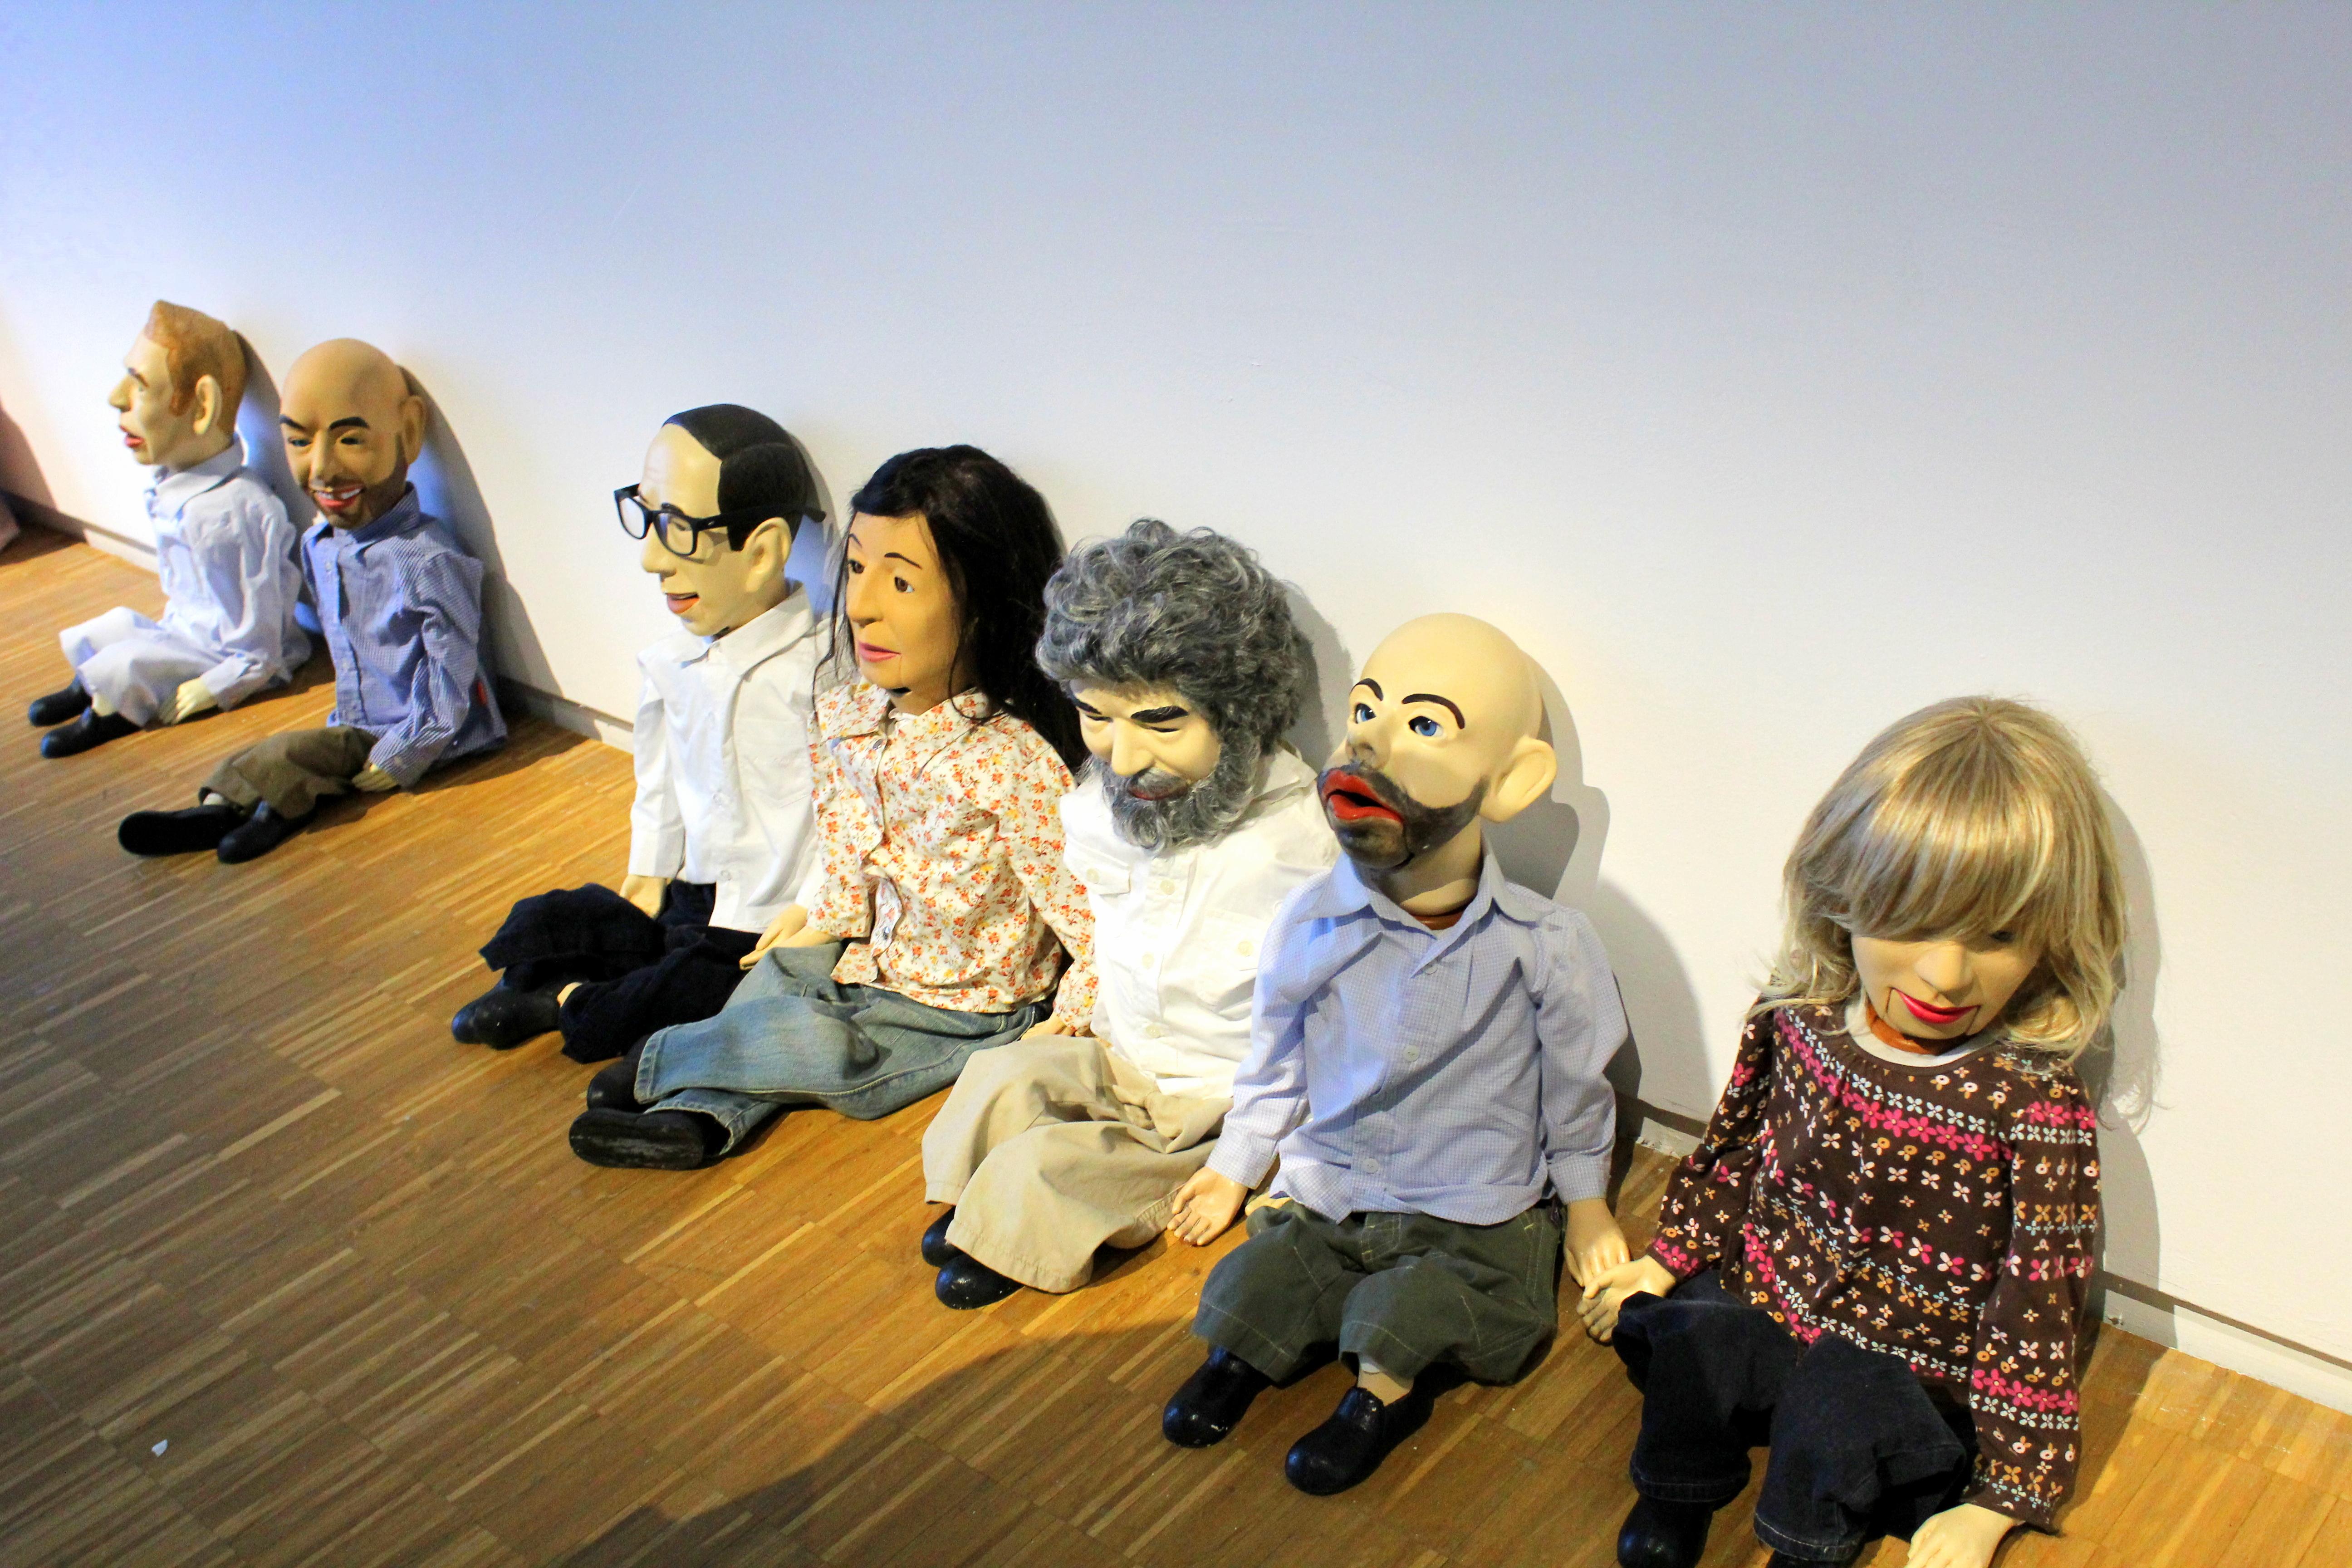 Exhibition in Pompidou Center in Paris